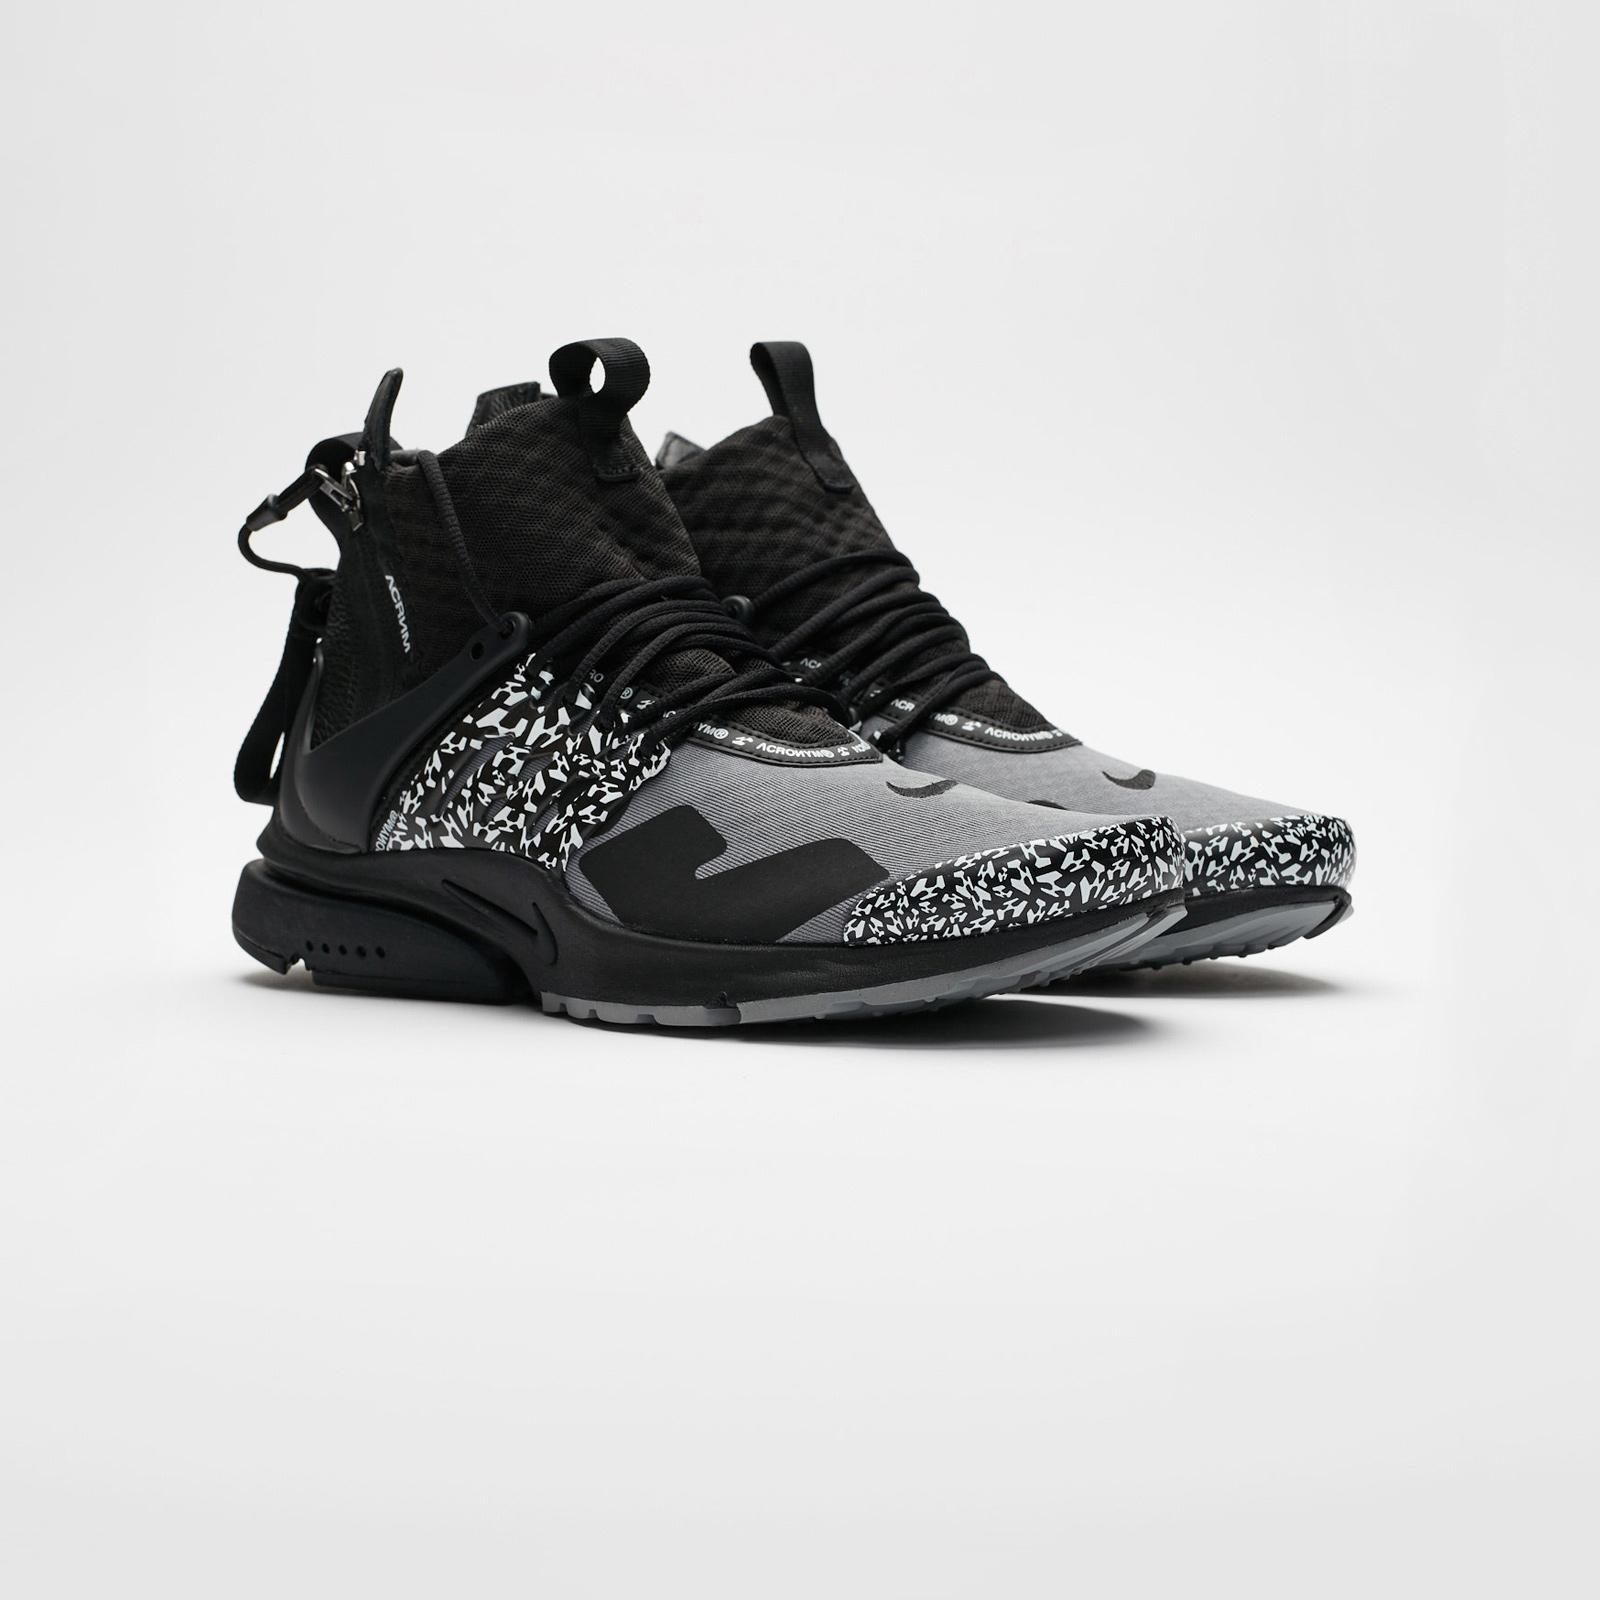 bca26dd47f02 Nike Air Presto Mid x Acronym - Ah7832-001 - Sneakersnstuff ...